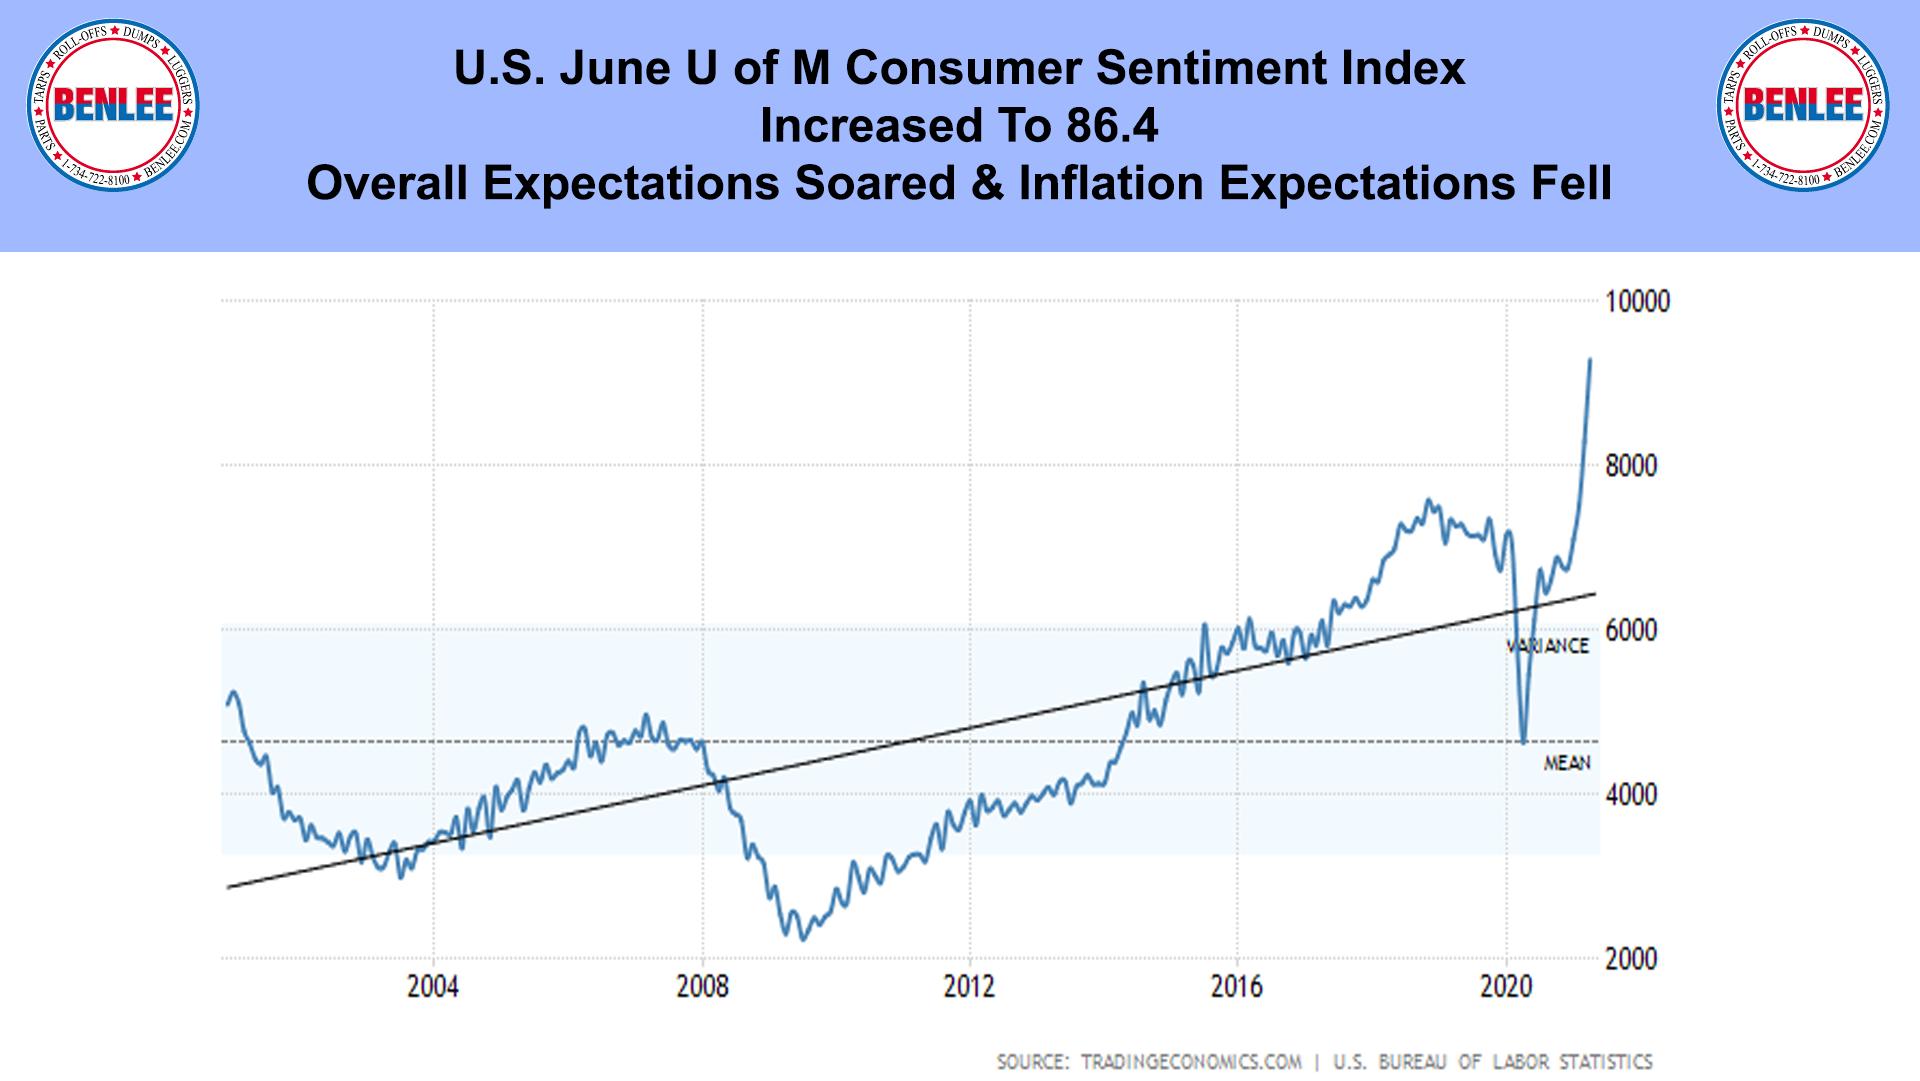 U.S. June U of M Consumer Sentiment Index